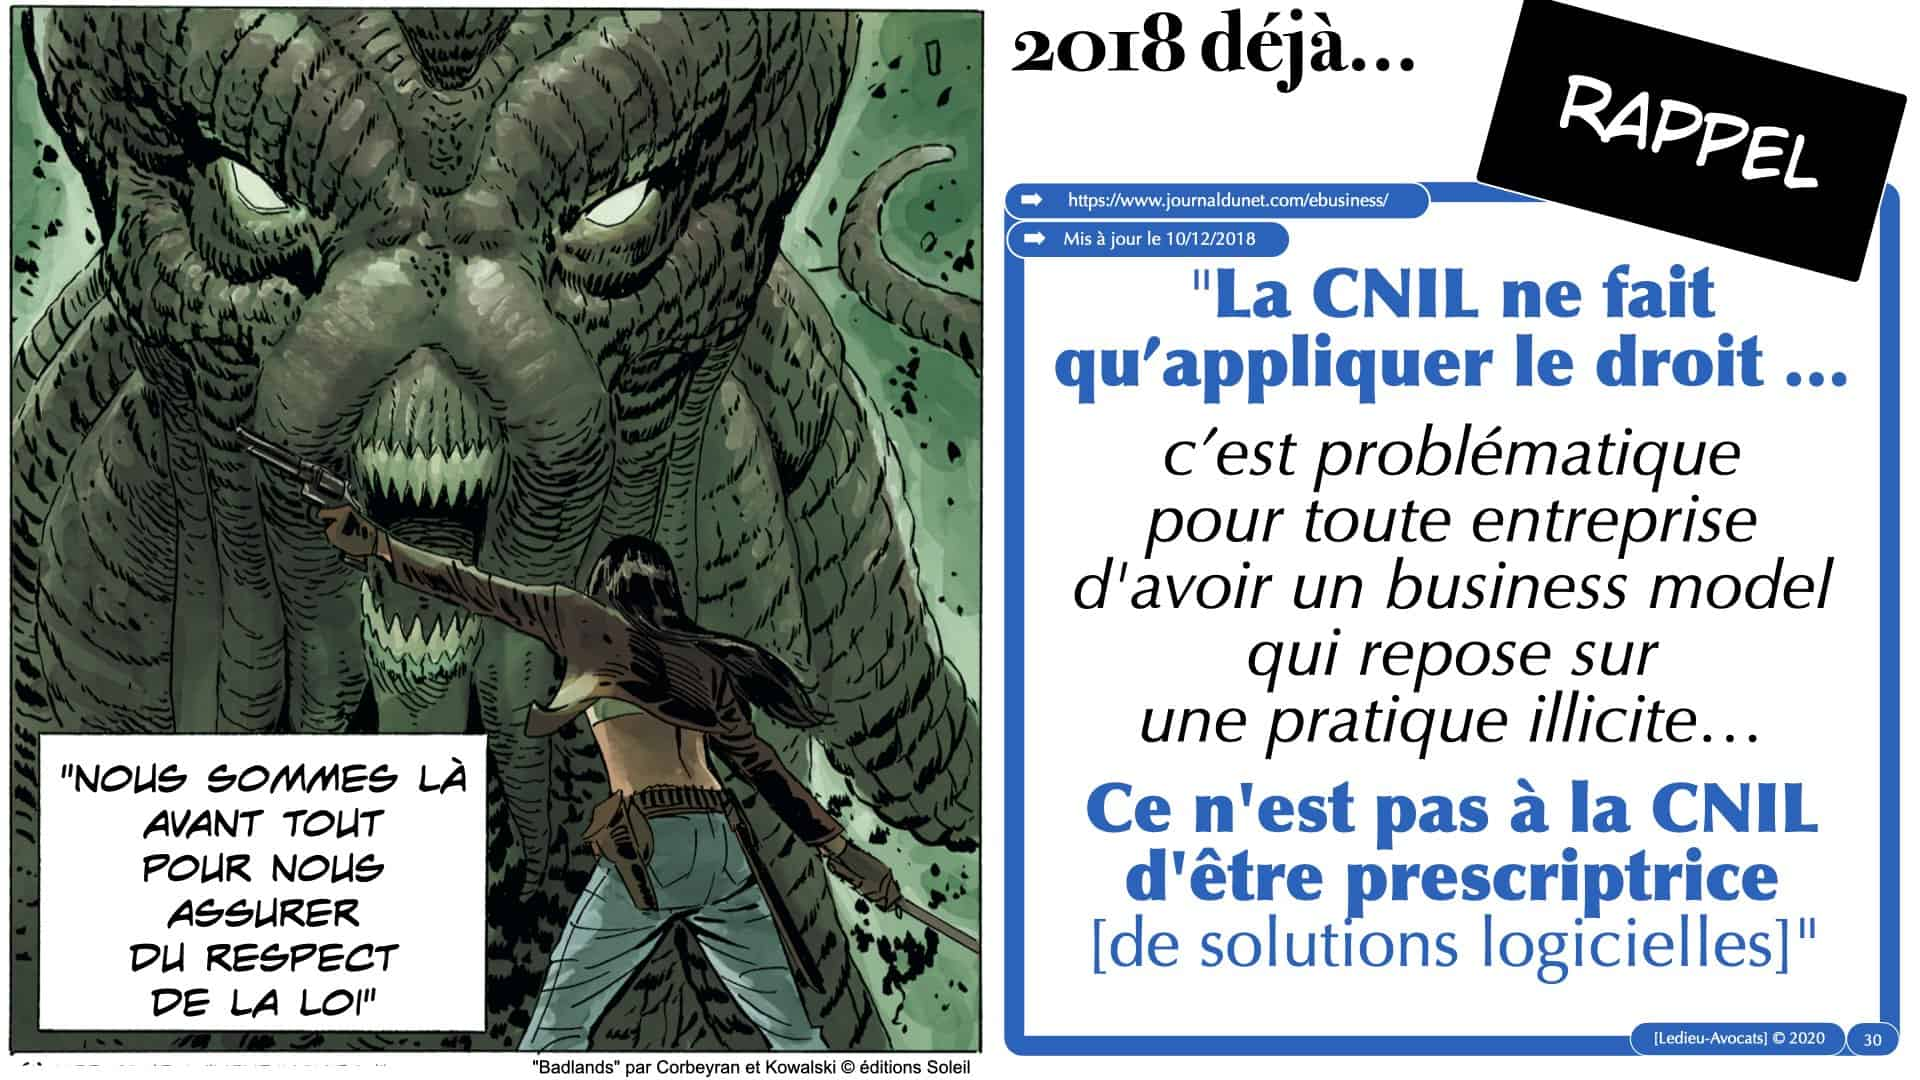 jurisprudence CNIL cookie traceur novembre 2020 décembre 2020 e-privacy RGPD ©Ledieu-Avocats.030